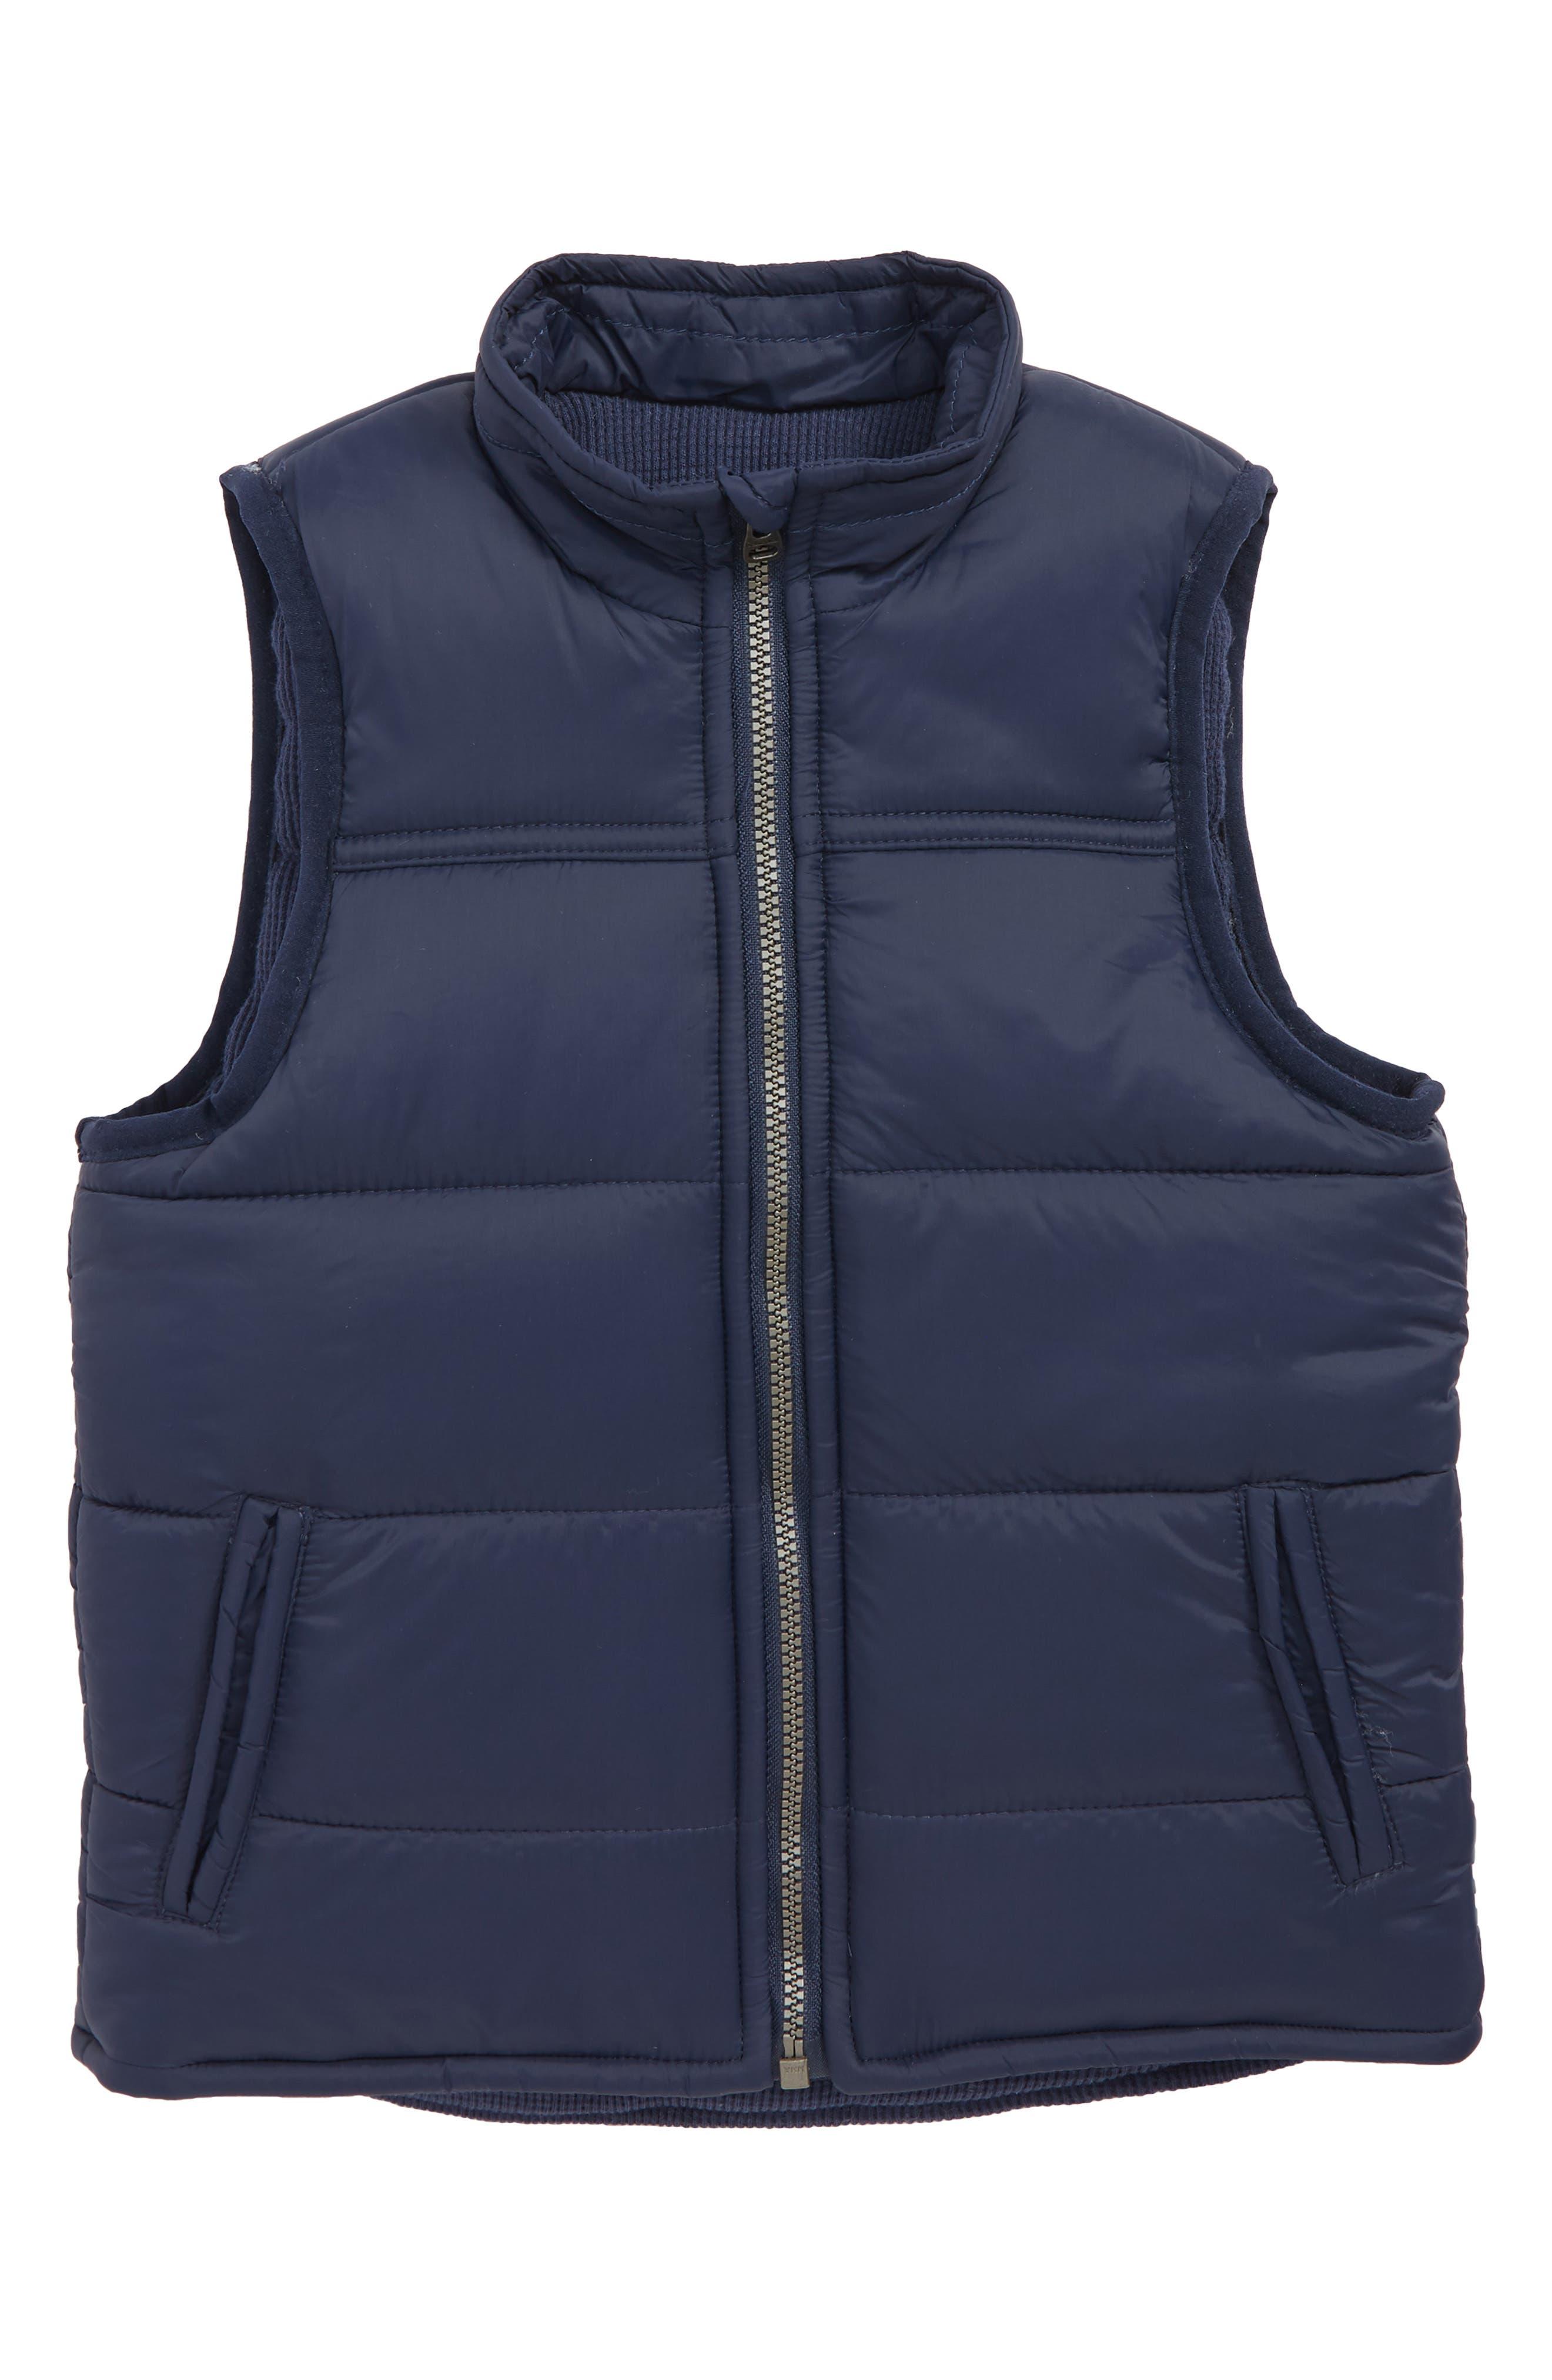 Puffer Vest,                             Main thumbnail 1, color,                             411